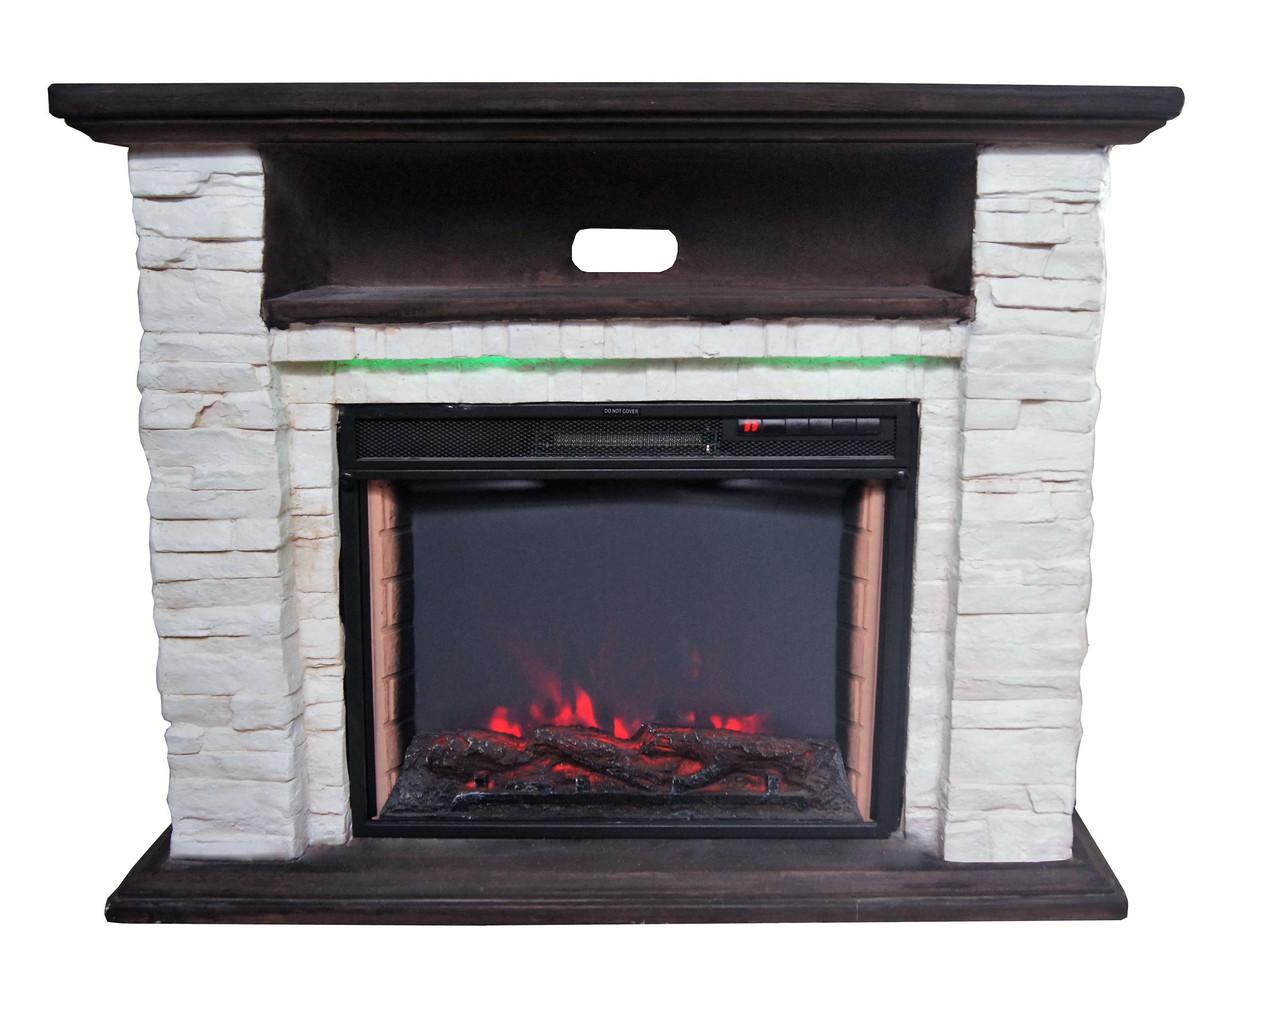 Електрокамін з порталом BONFIRE Ellison Stone24 Mood suite( з підсвічуванням)+ вогнище JREC2024AS 24